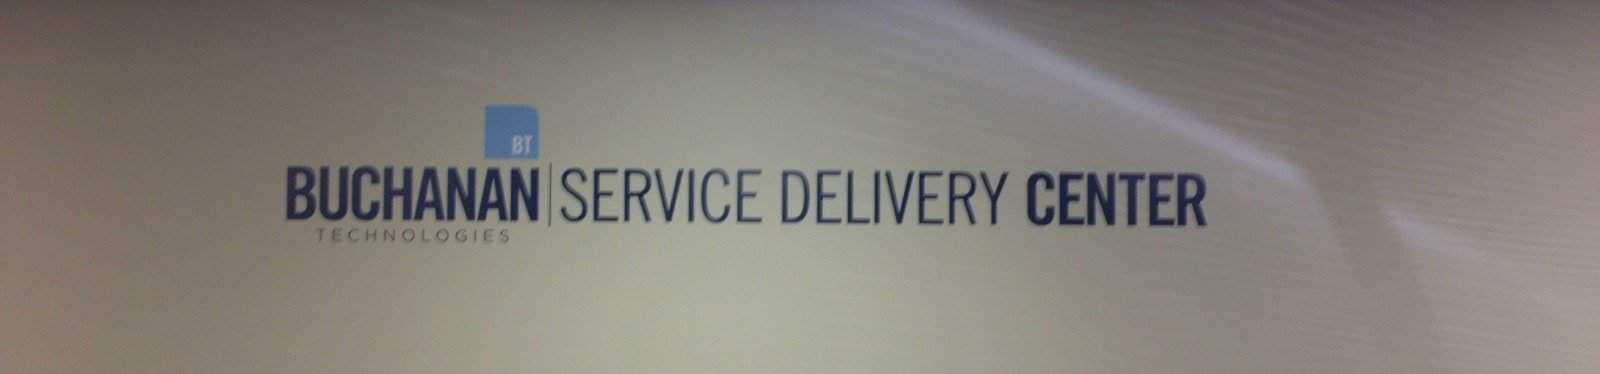 Wichita Service Delivery Center